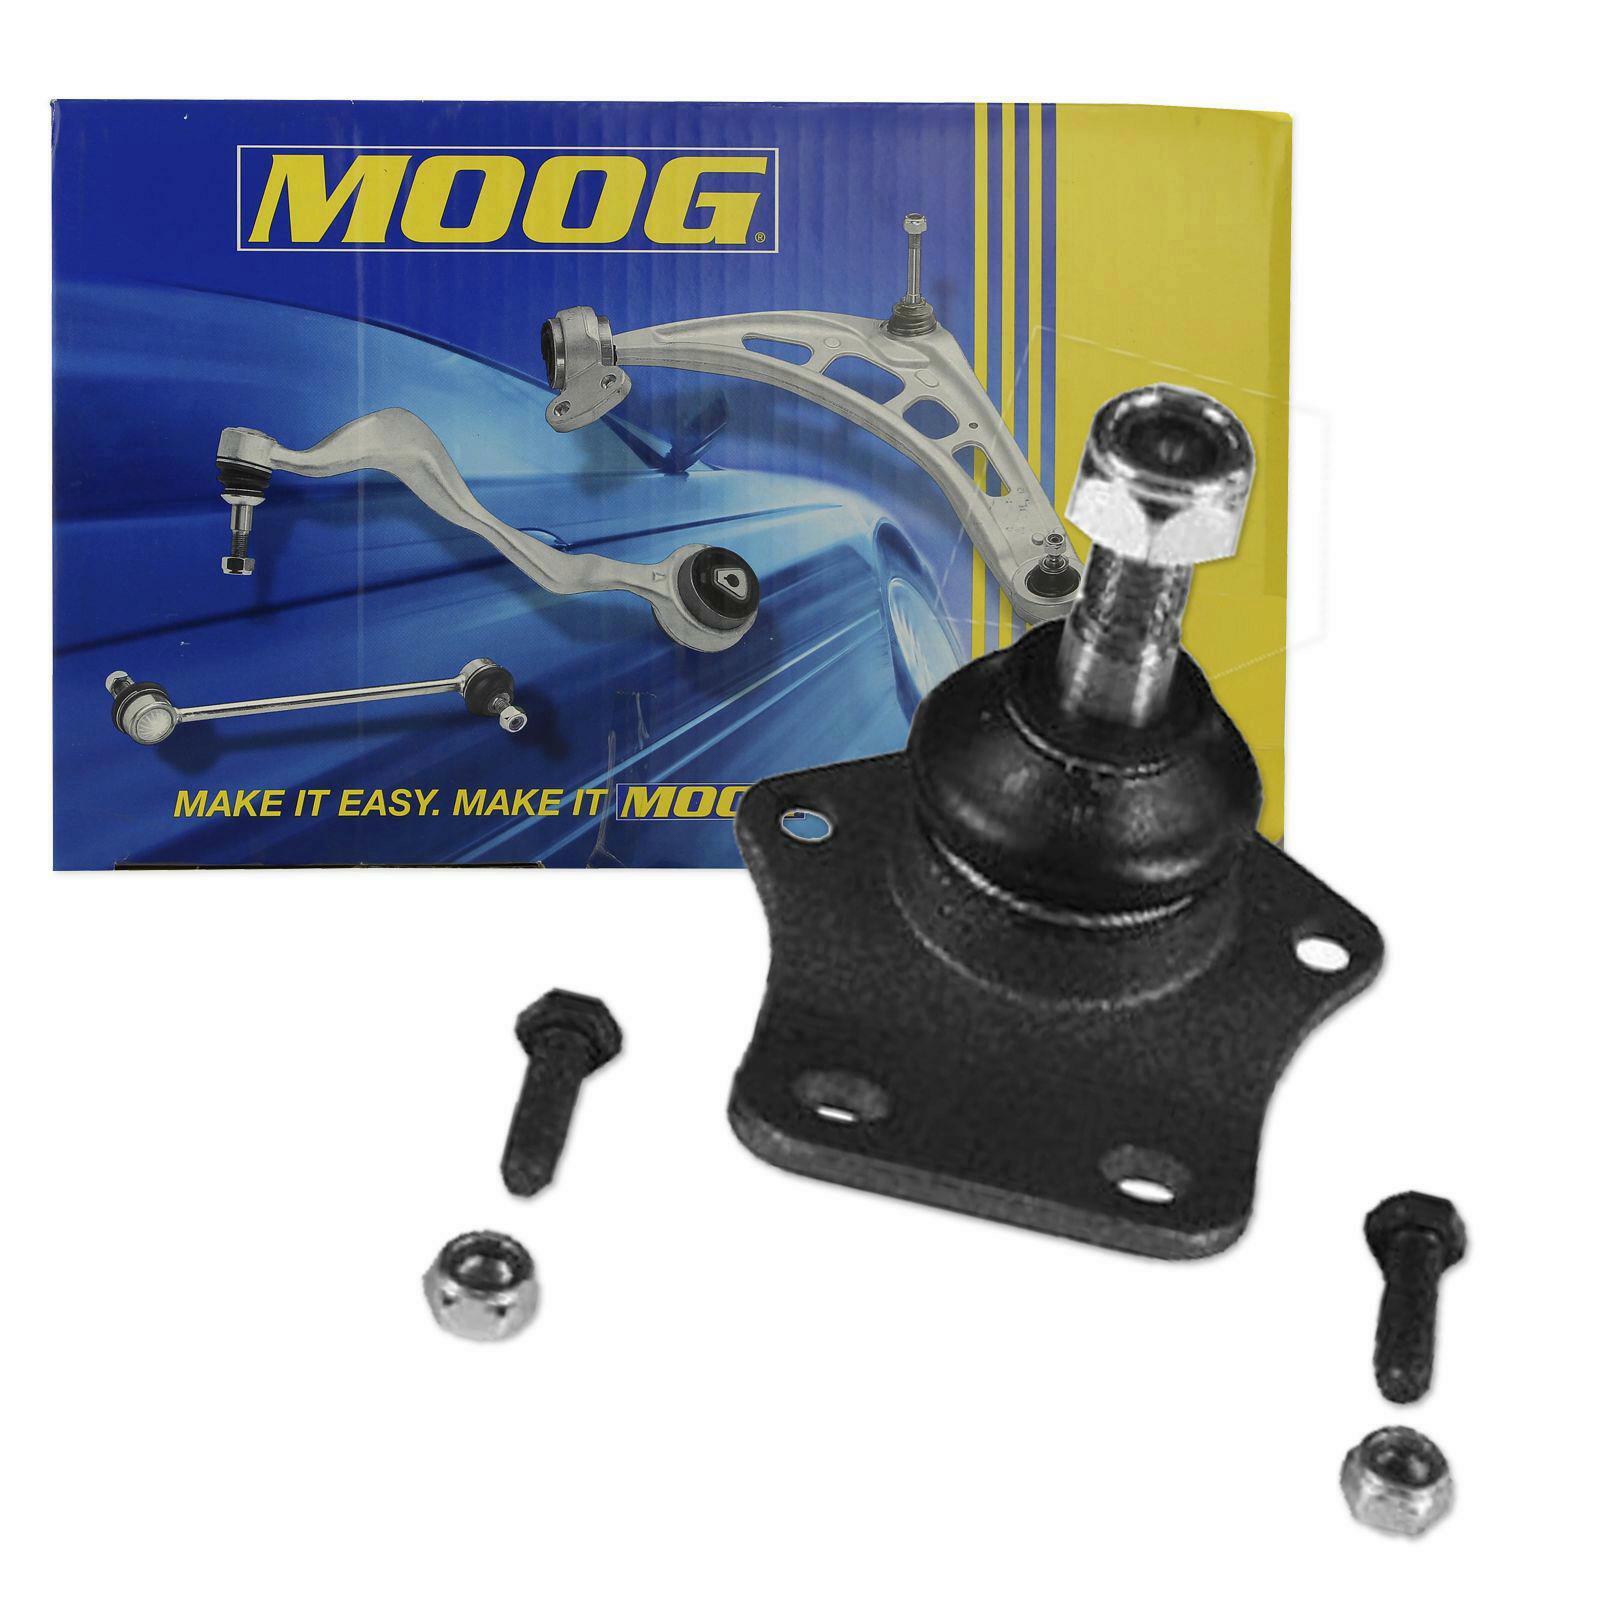 MOOG Trag-/Führungsgelenk